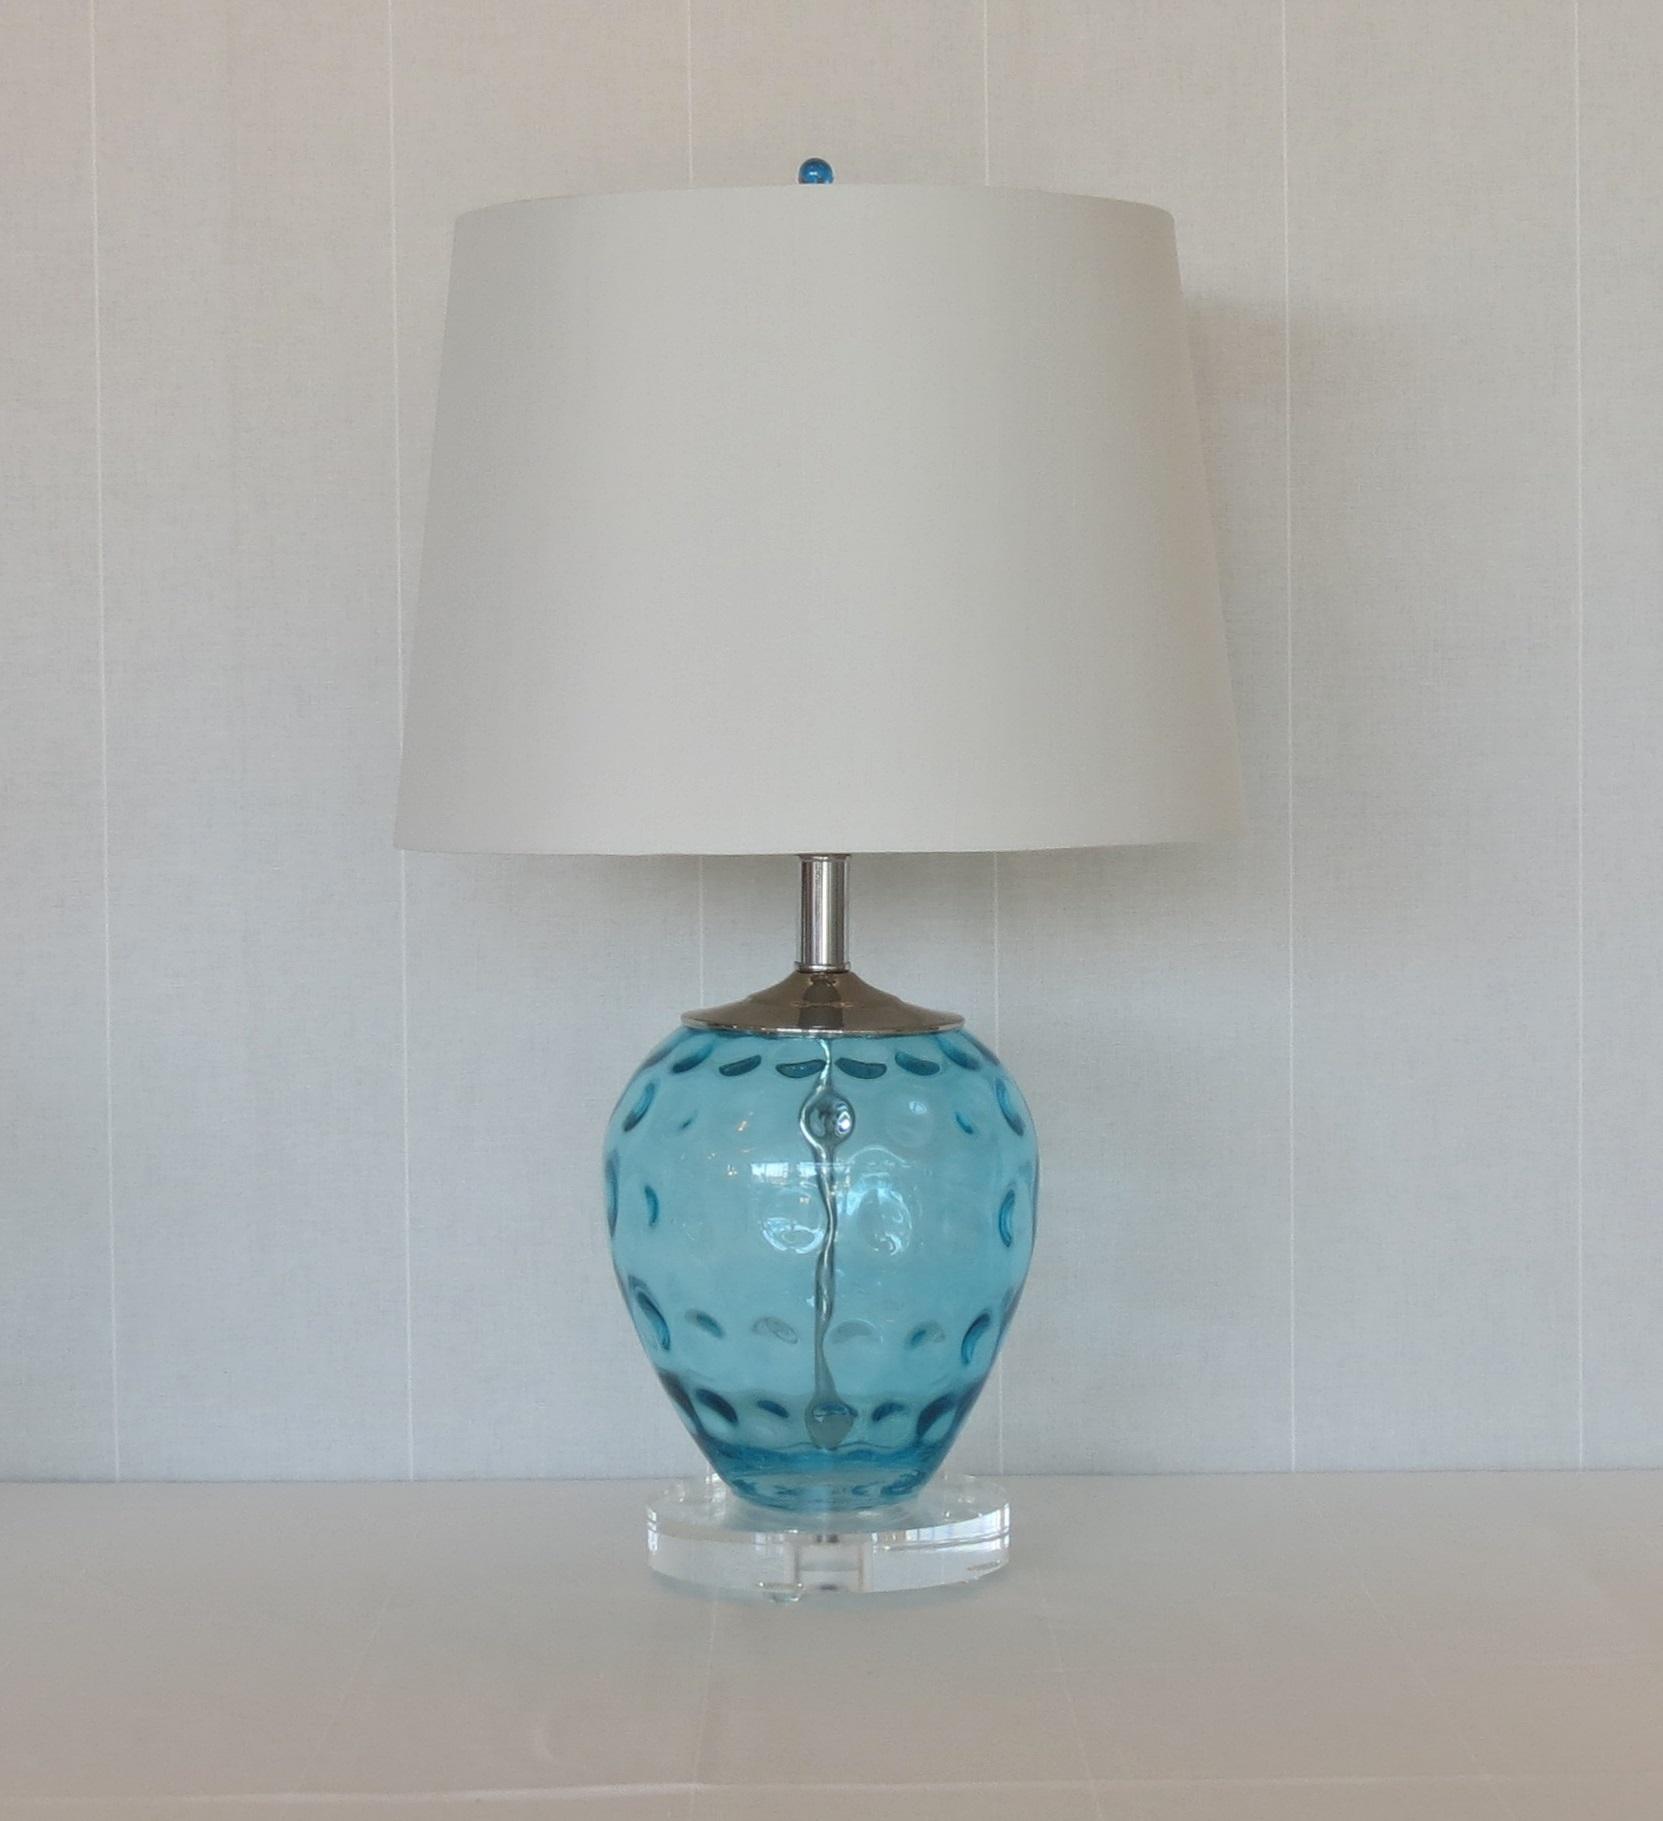 aqua glass lamps photo - 6